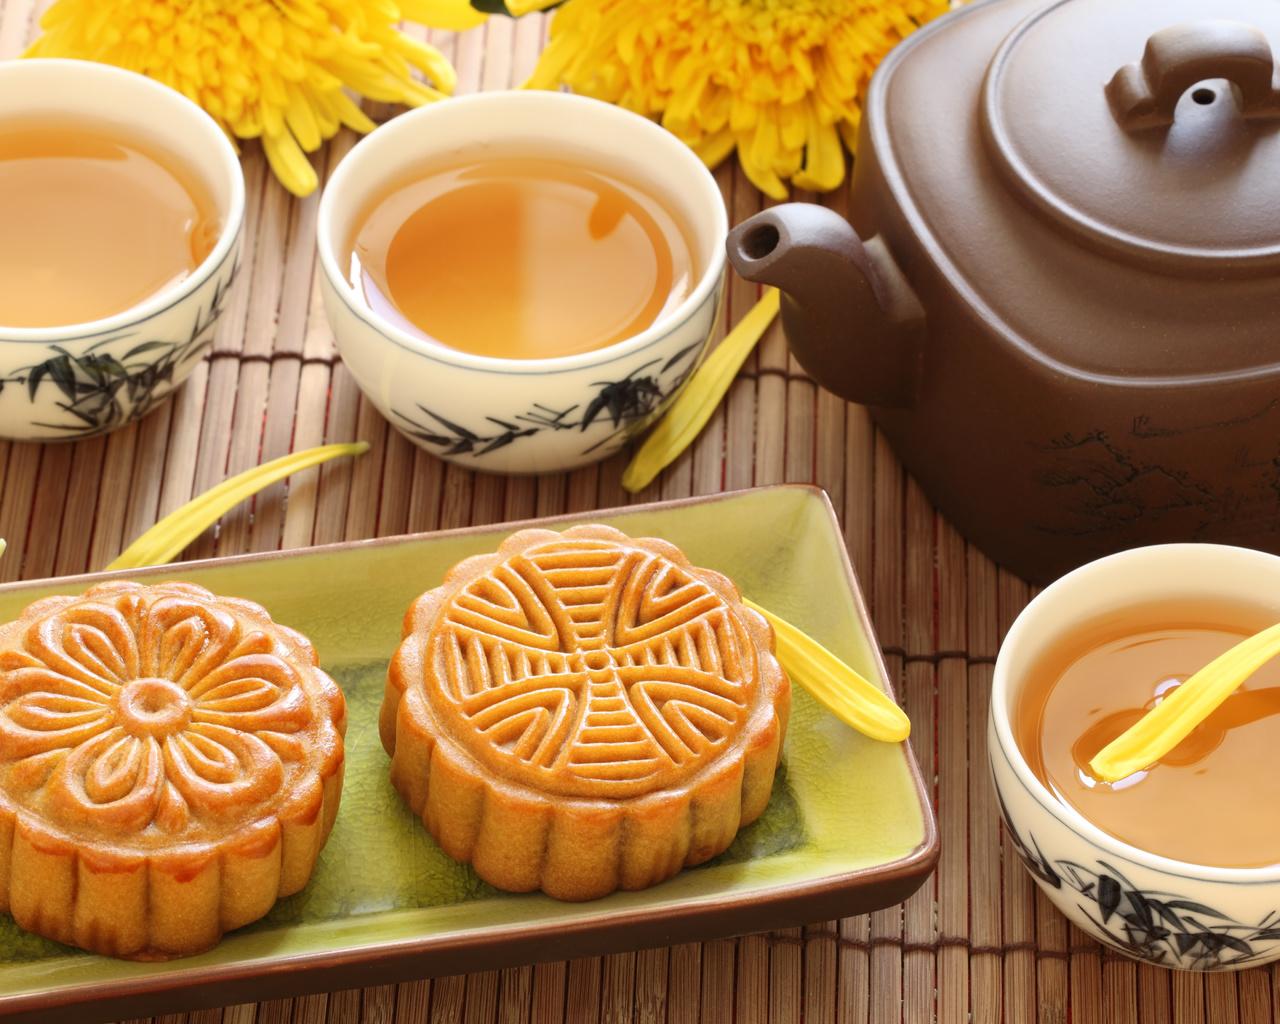 своему красивая картинка с чаем и печеньки мастер